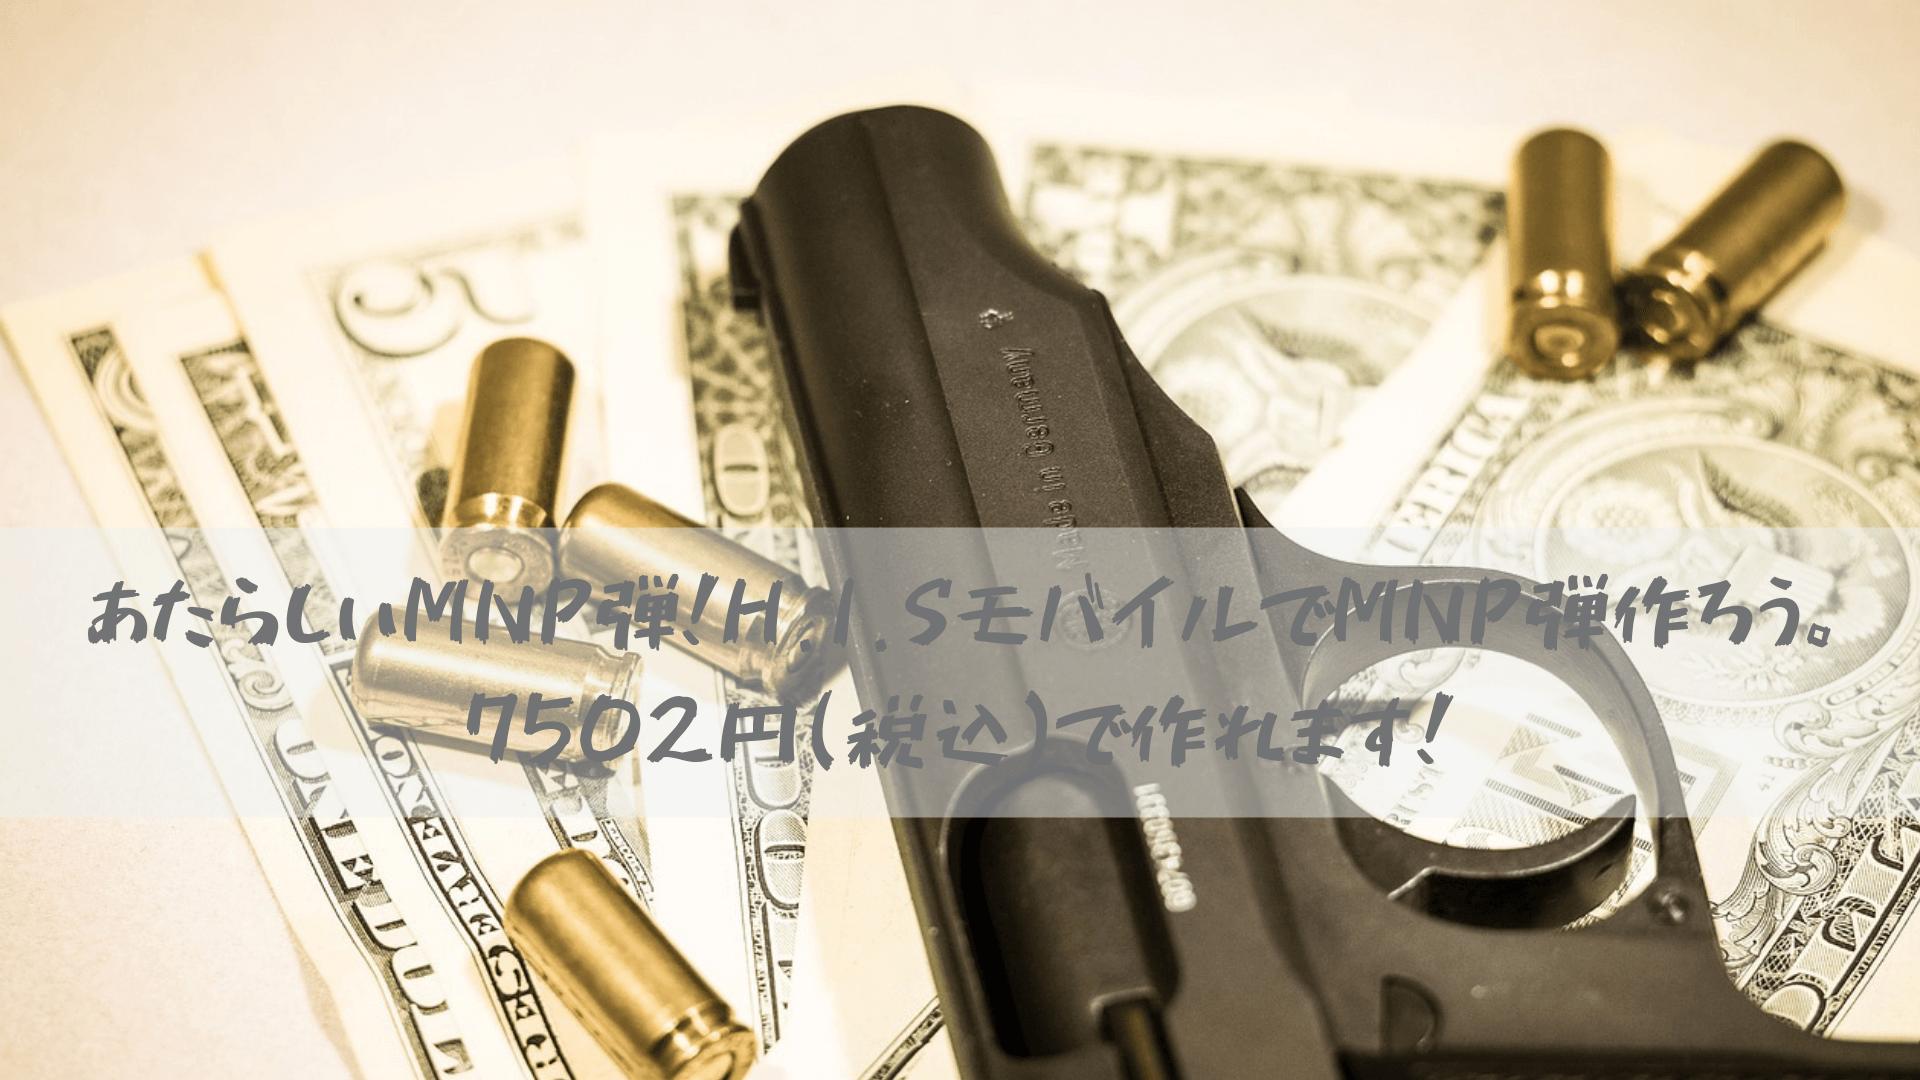 あたらしいMNP弾!H.I.SモバイルでMNP弾作ろう。7502円(税込)で作れます!